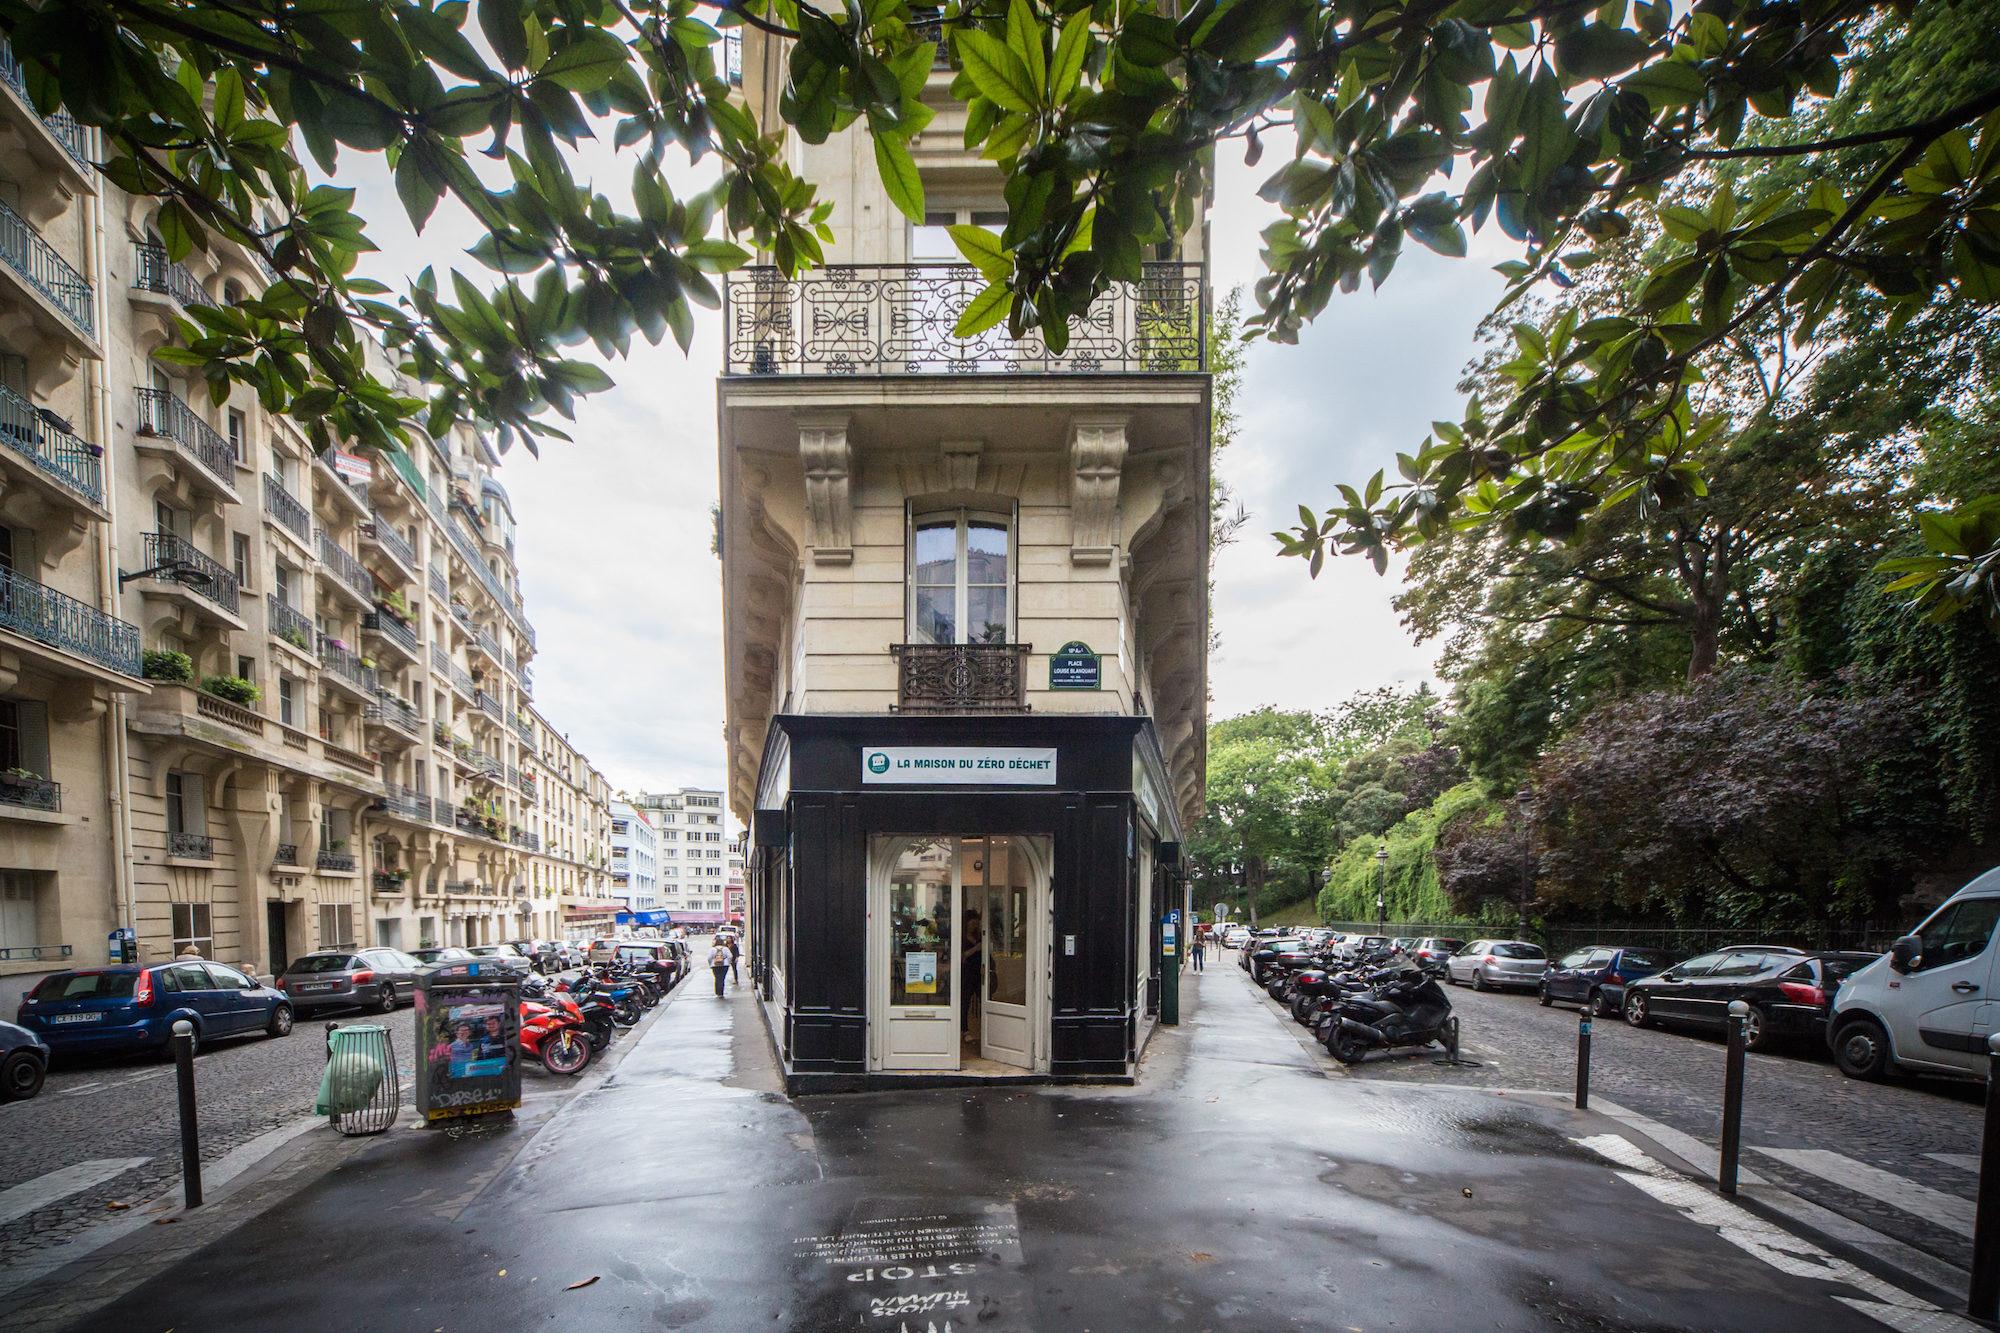 La Maison du Zéro Déchet, zero-waste store in Montmartre, Paris.